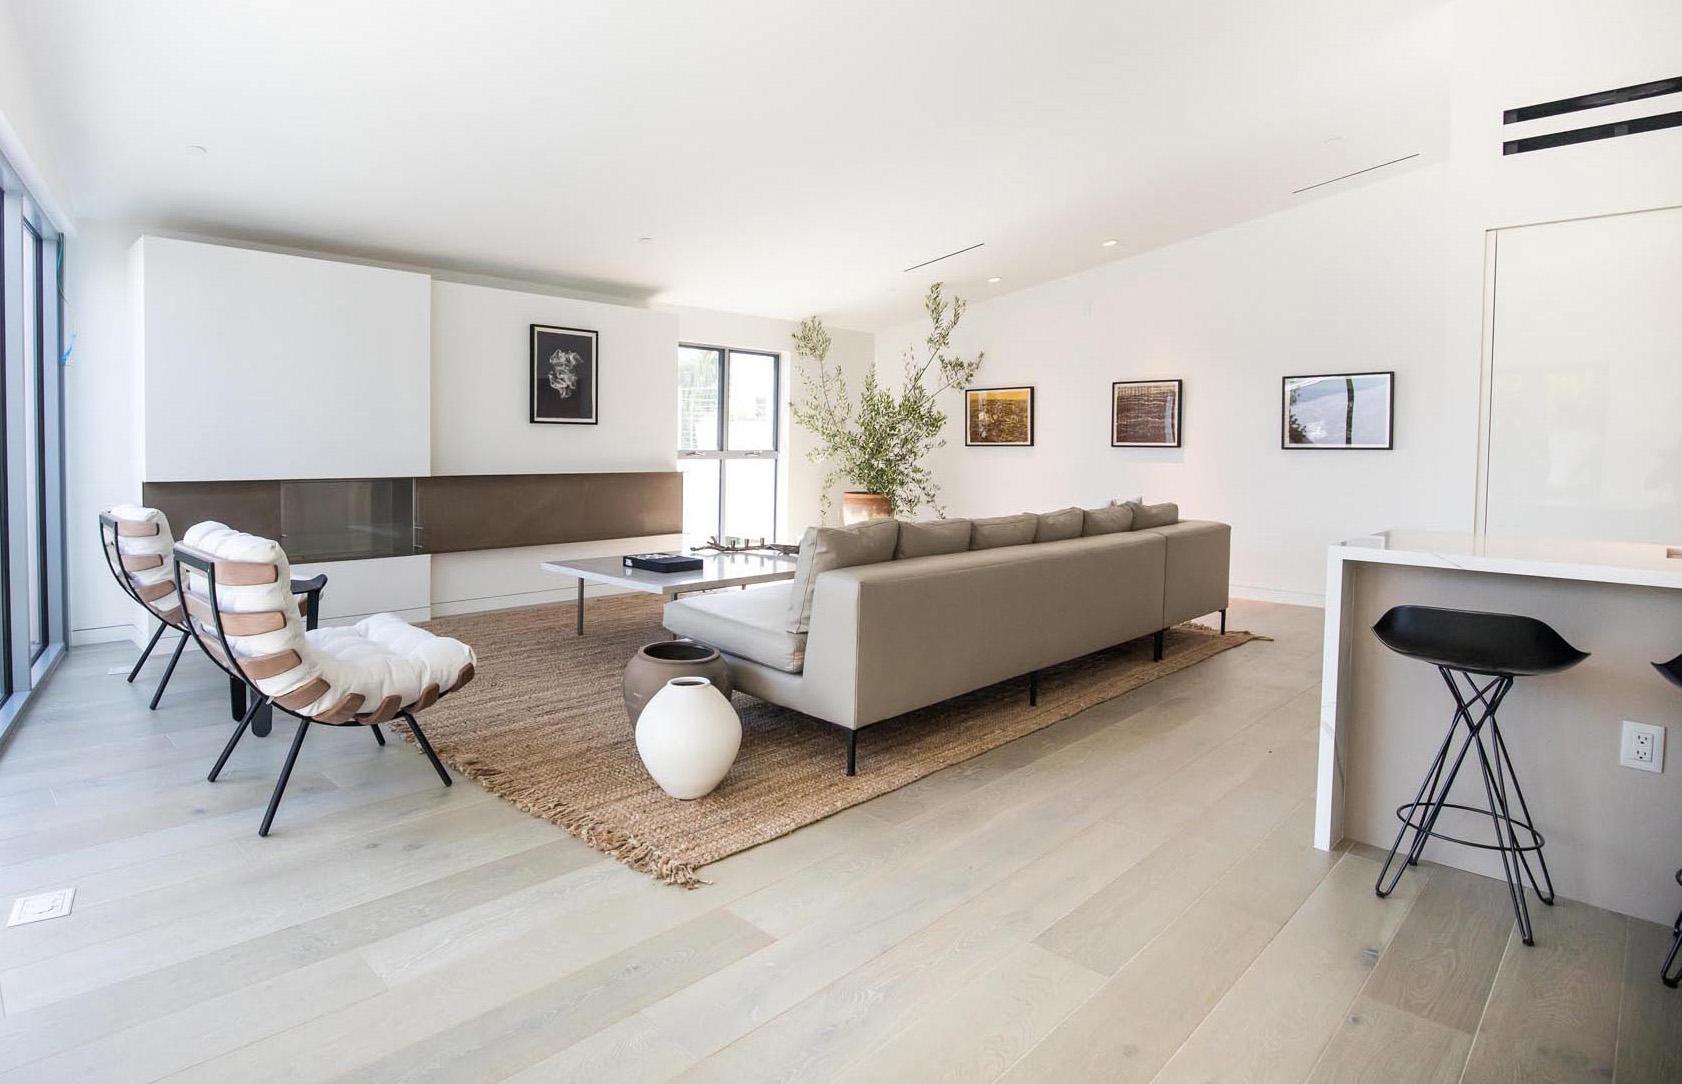 modern-living-room-291020-804-24 (1)